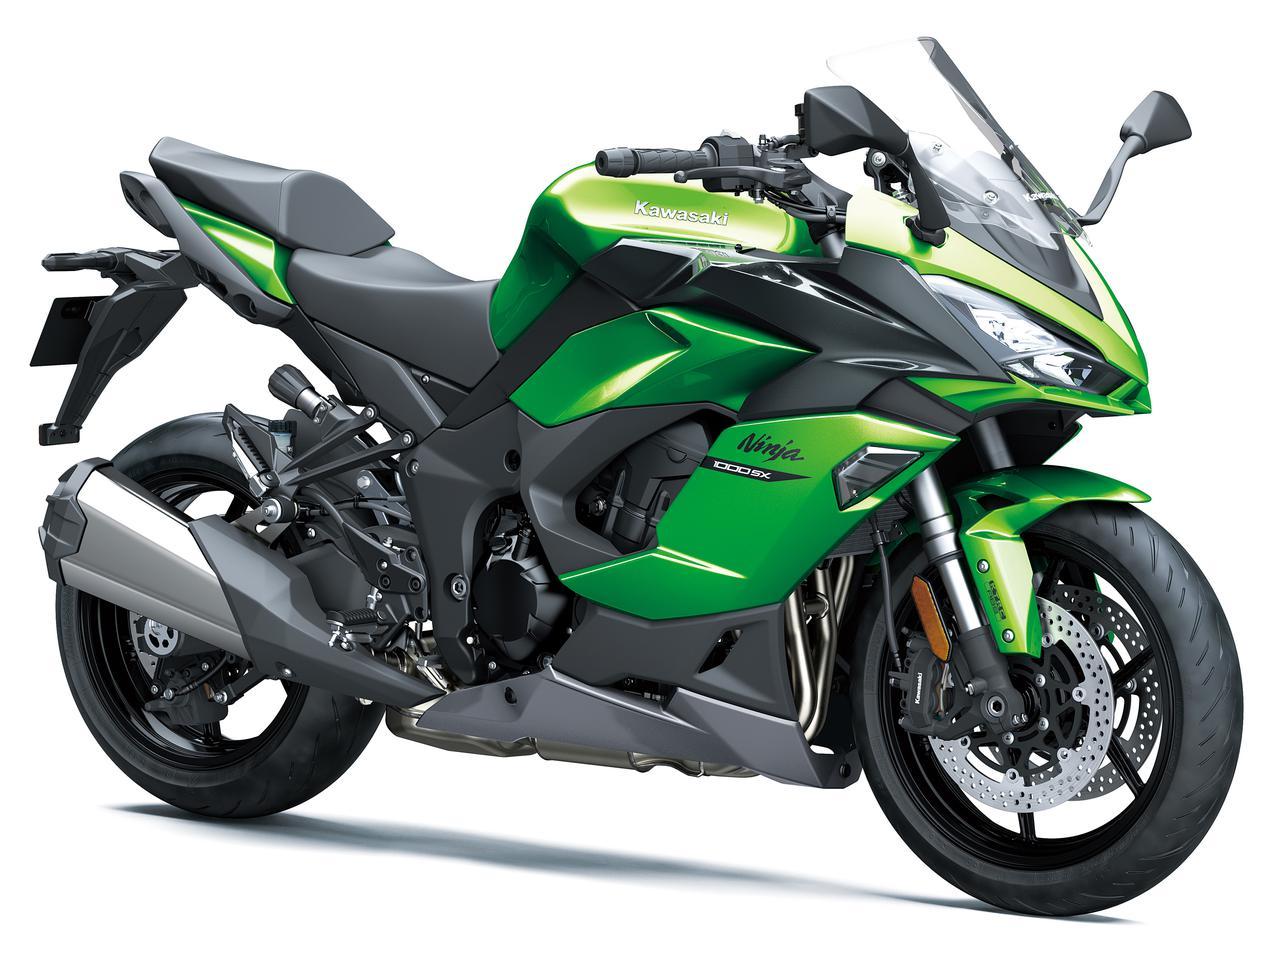 Images : 2番目の画像 - Ninja 1000SX(2020)の写真をまとめて見る - webオートバイ